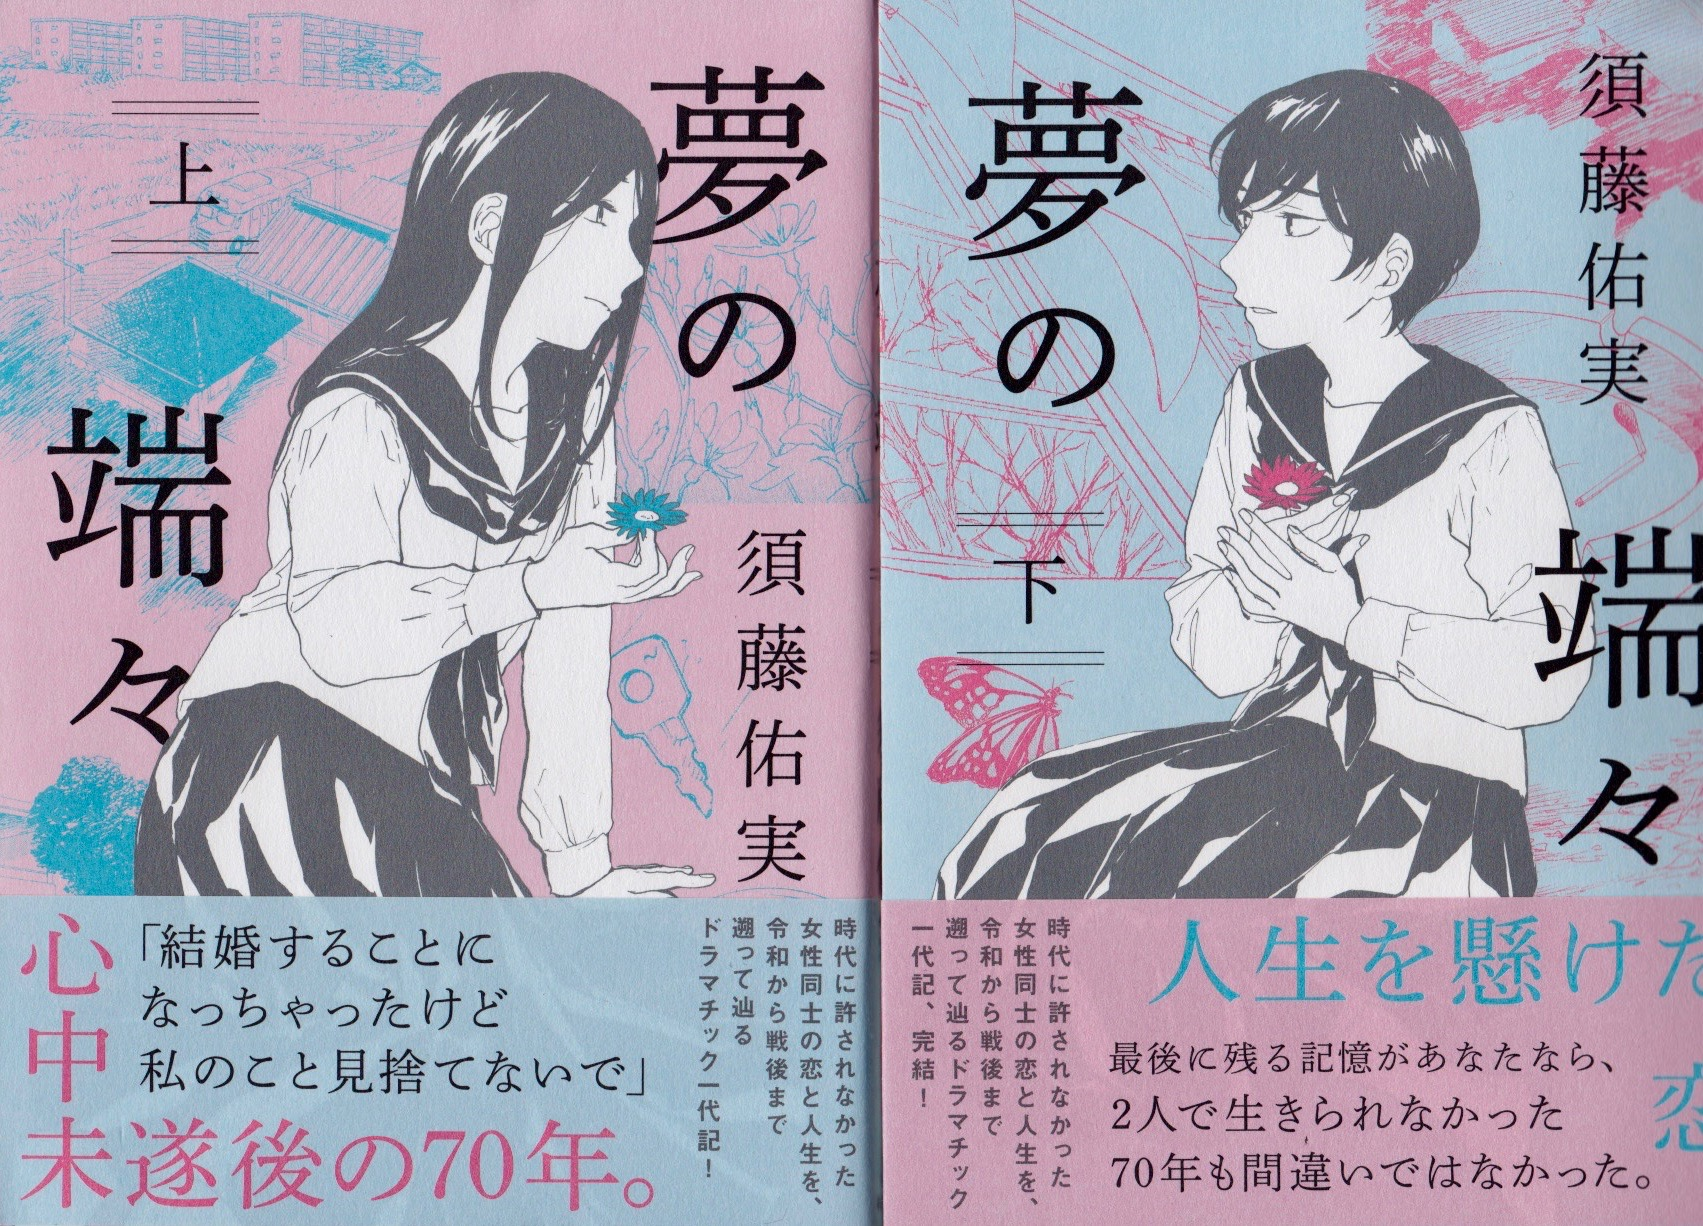 Featured image for Yume no Hashibashi: Sudo Yumi